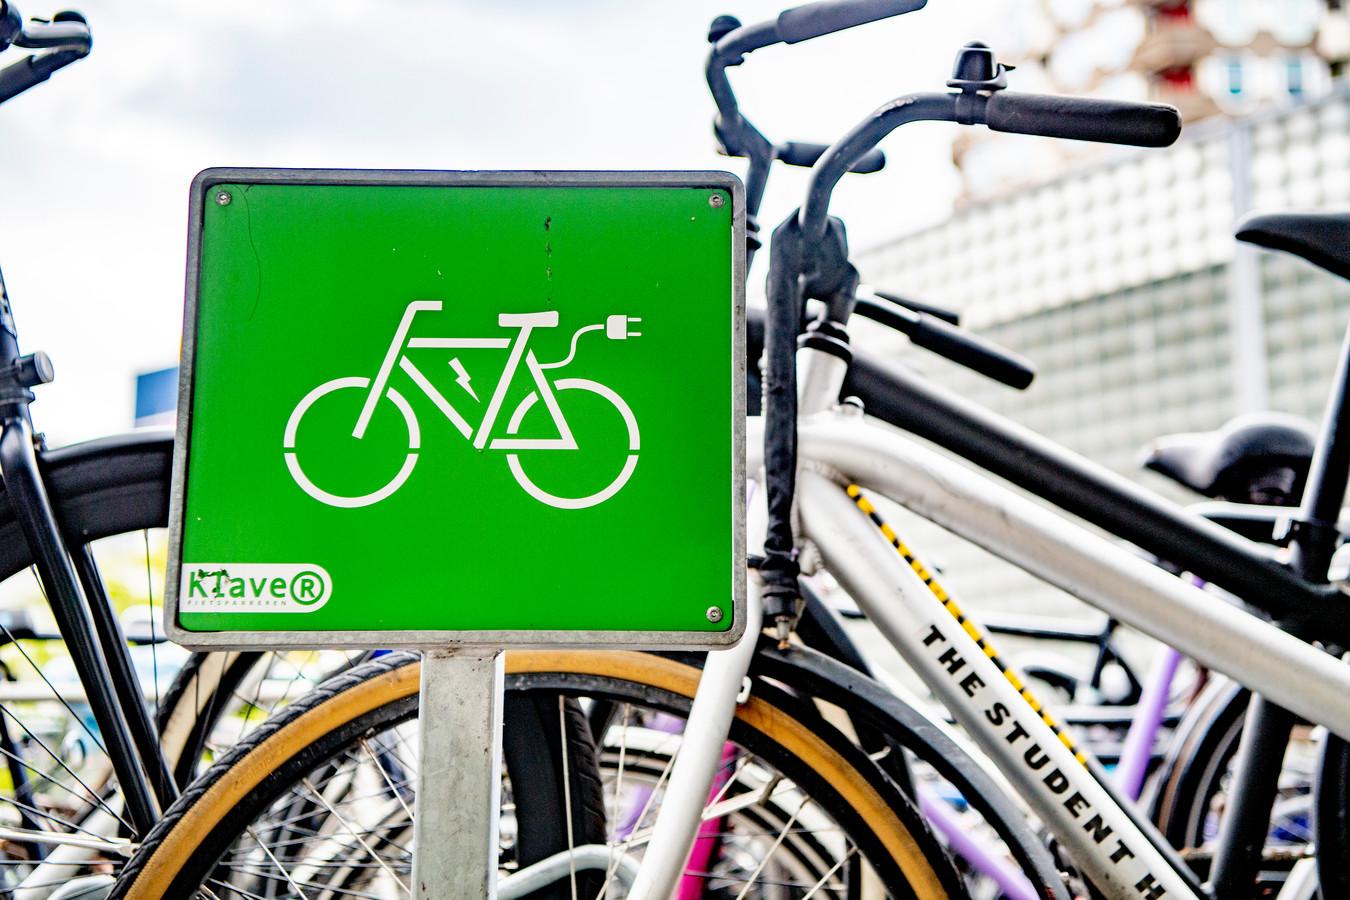 Er moet letterlijk en figuurlijk meer ruimte komen voor de fiets, stelt Tour de Force